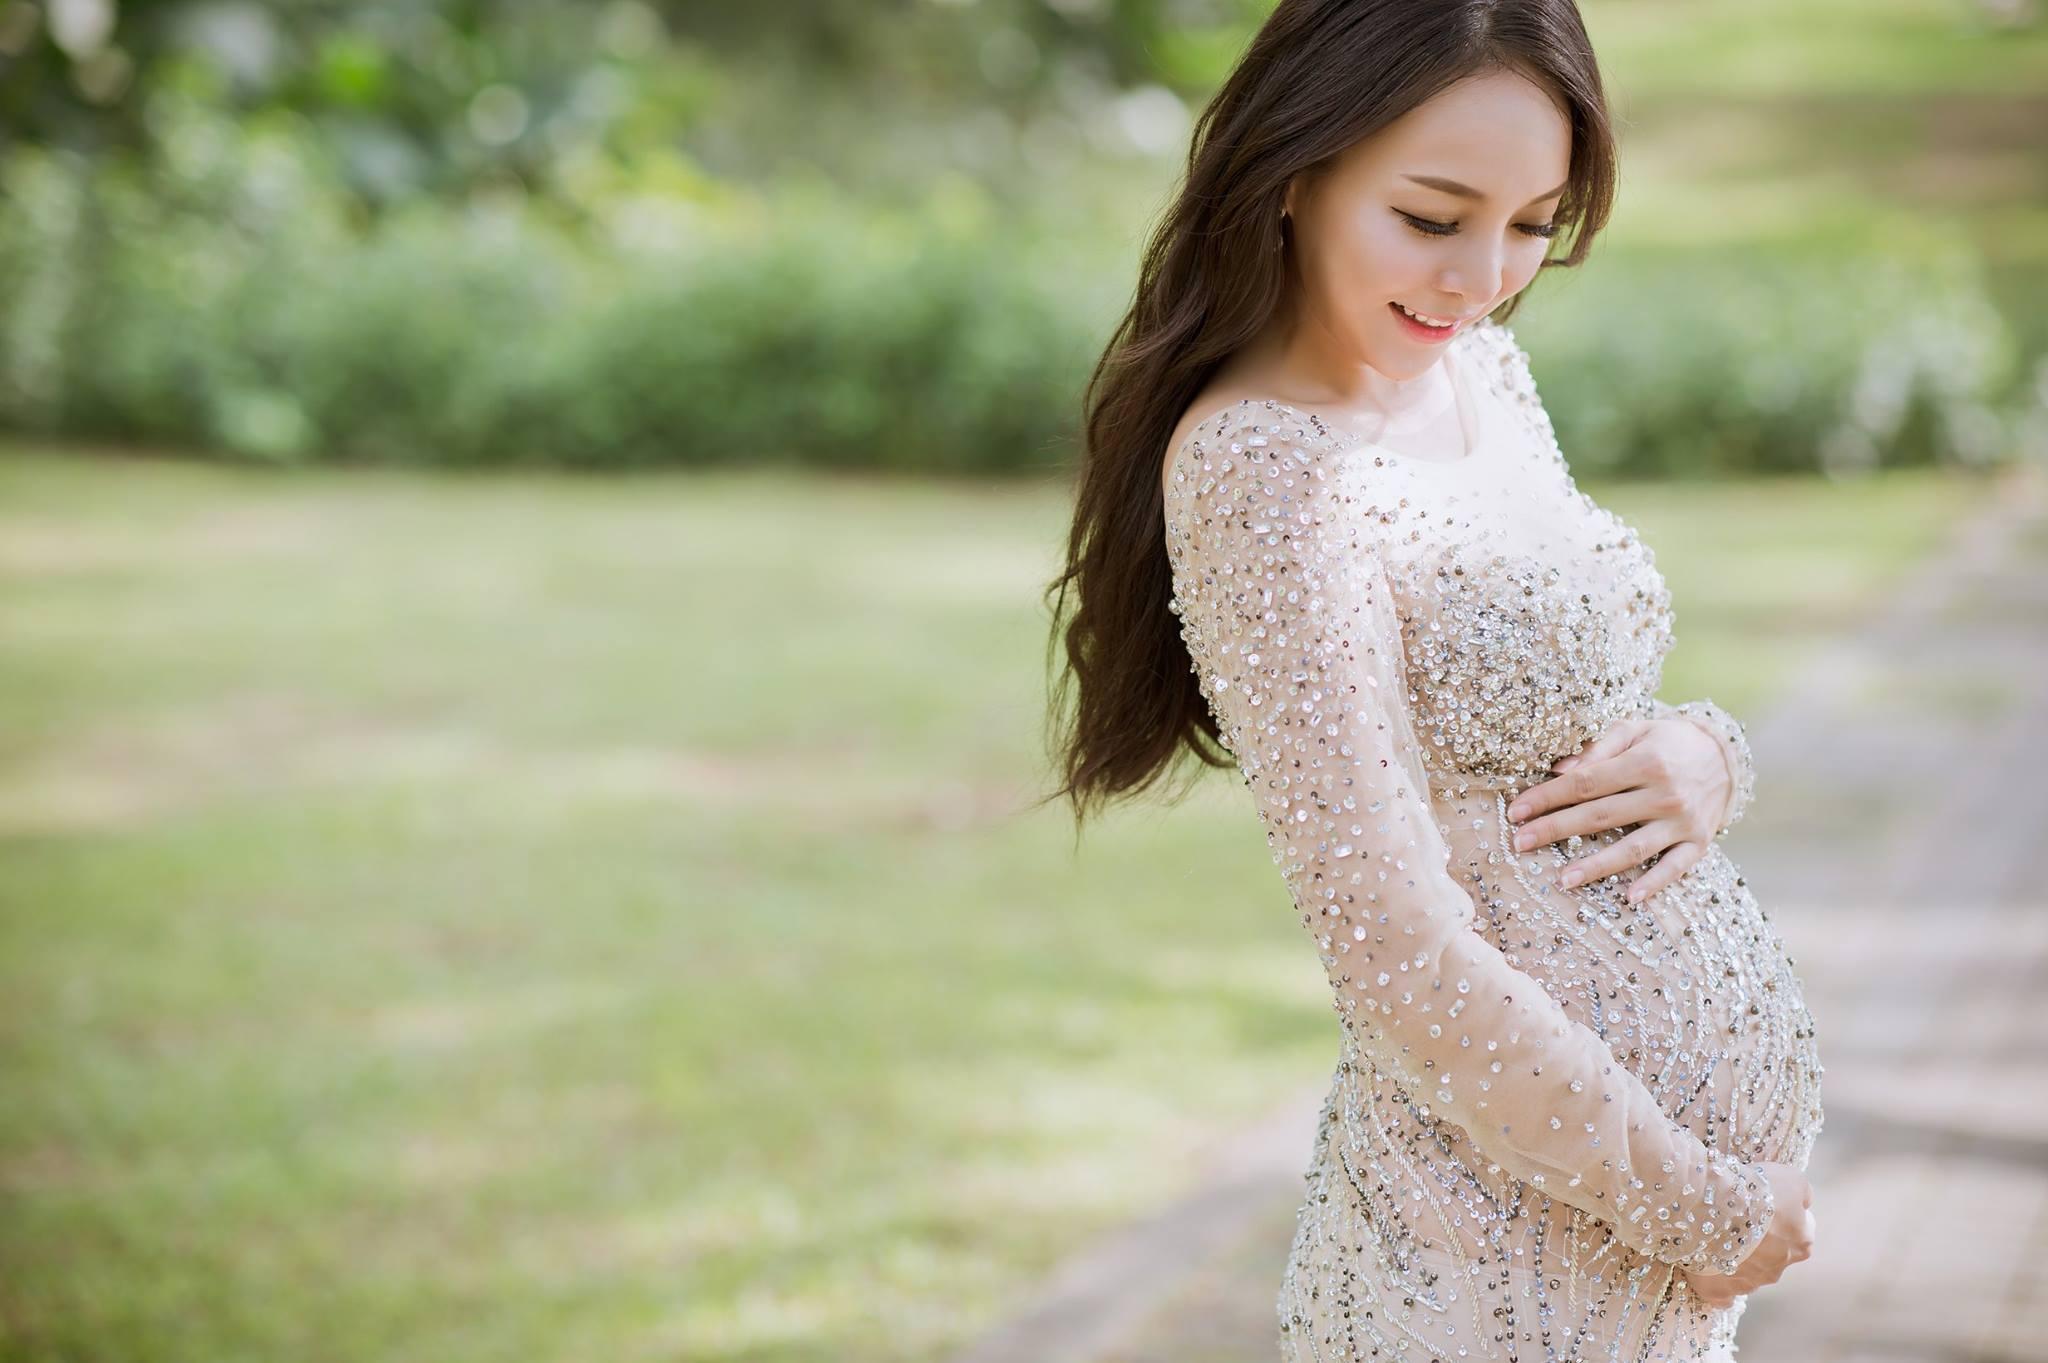 裸紗,孕媽咪,孕婦寫真,禮服,懷孕